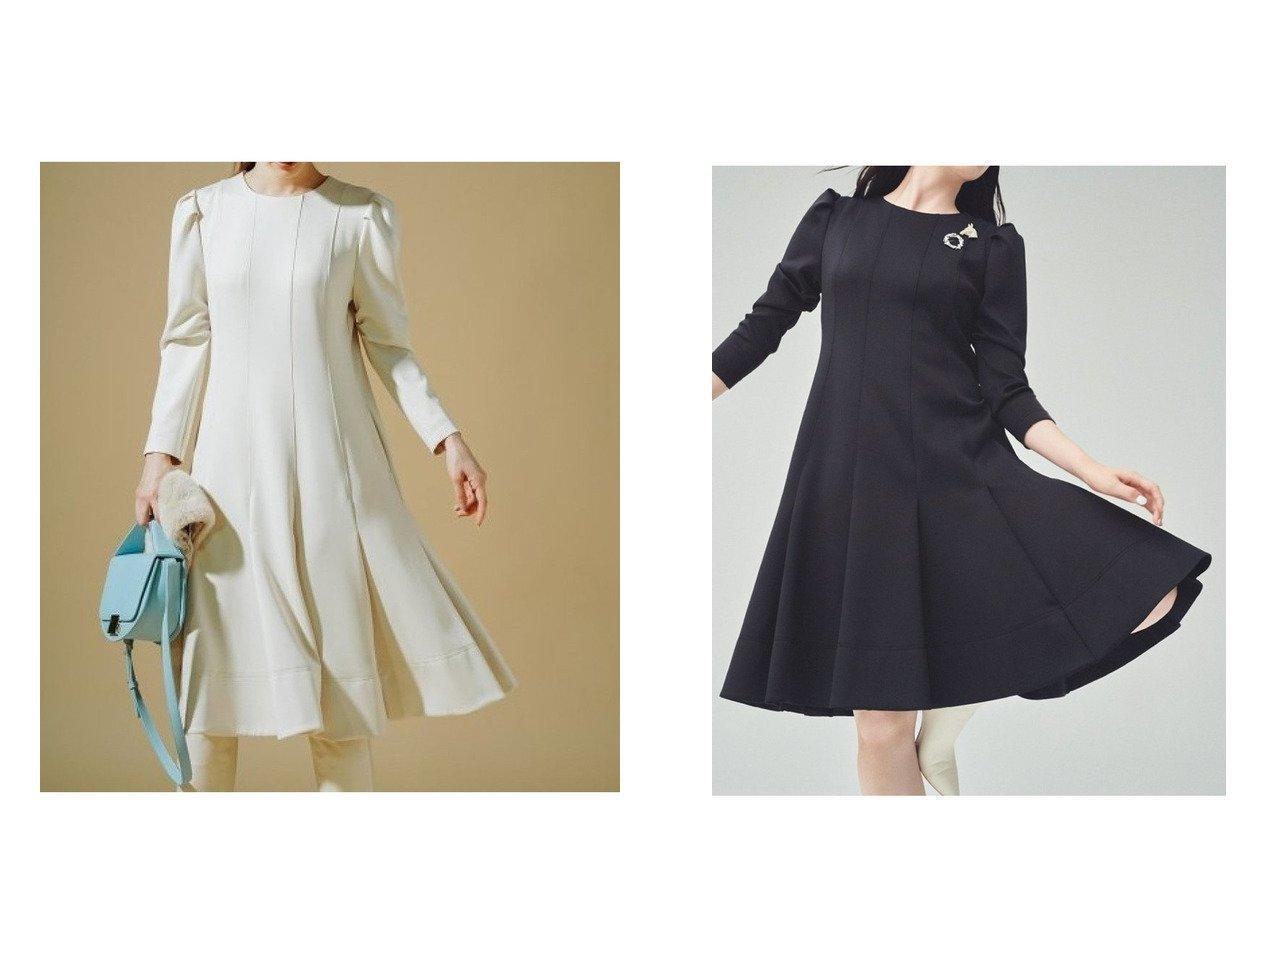 【CELFORD/セルフォード】のタックポンチワンピース おすすめ!人気、レディースファッションの通販  おすすめで人気のファッション通販商品 インテリア・家具・キッズファッション・メンズファッション・レディースファッション・服の通販 founy(ファニー) https://founy.com/ ファッションモデル・俳優・女優 Models 女性 Women 田中みな実 Tanaka Minami ファッション Fashion レディース WOMEN ワンピース Dress ウォッシャブル スリーブ トレンド |ID:crp329100000003646